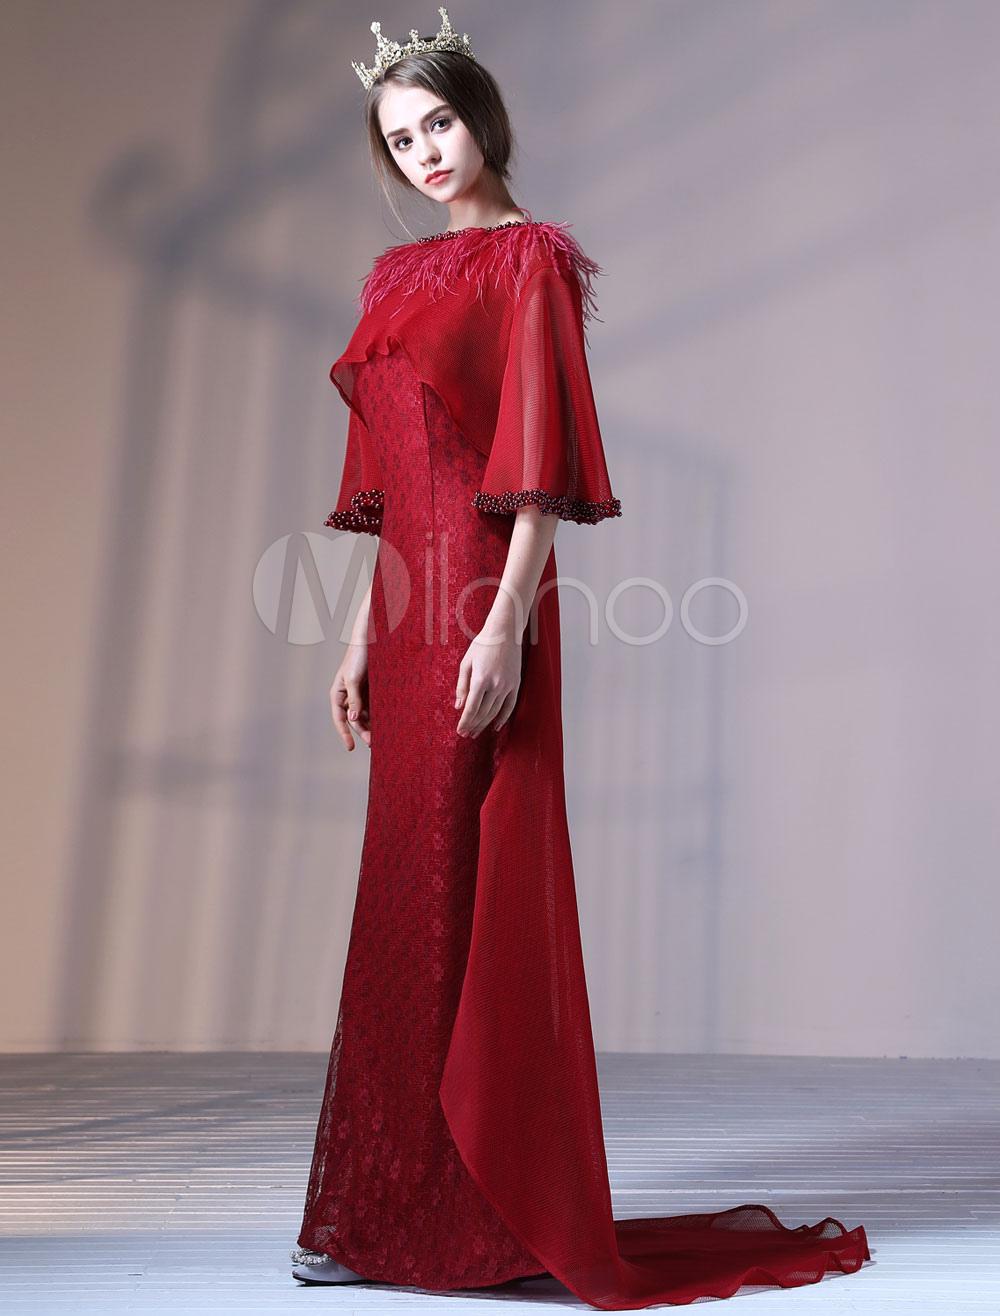 d8ea012532b Robes de soirée Luxe de fête en voile de tulle avec perles traîne sirène  col rond ...